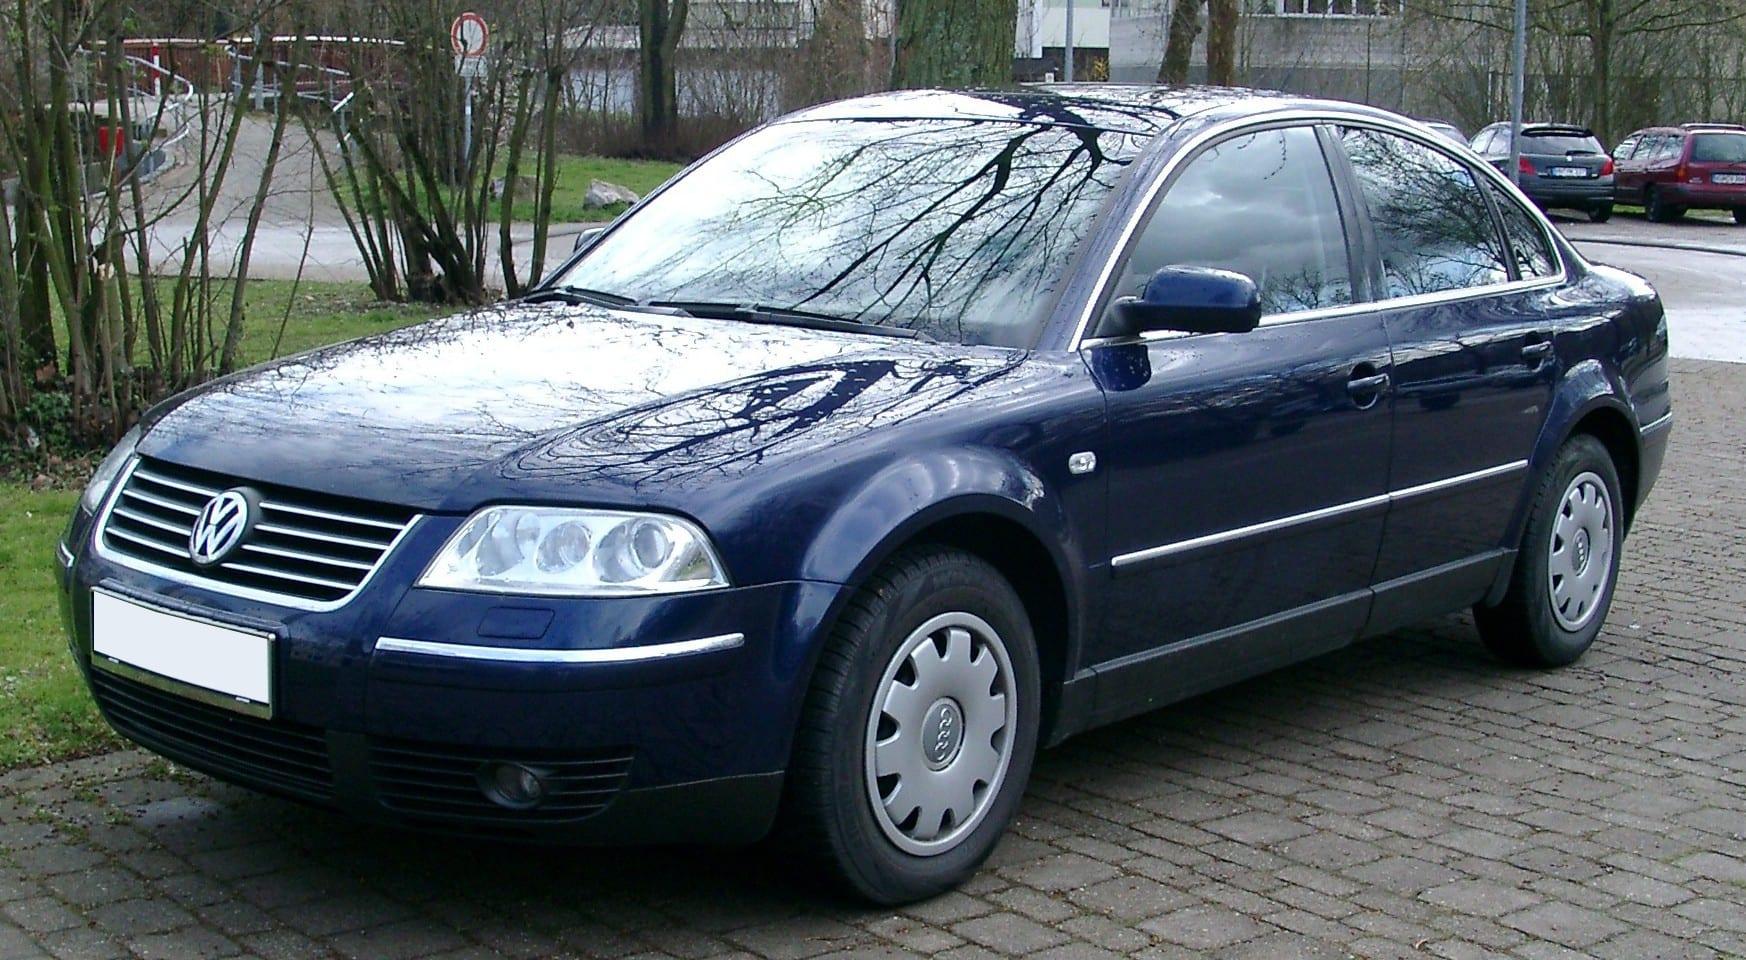 Volkswagen_Passat_B5_front_20070323